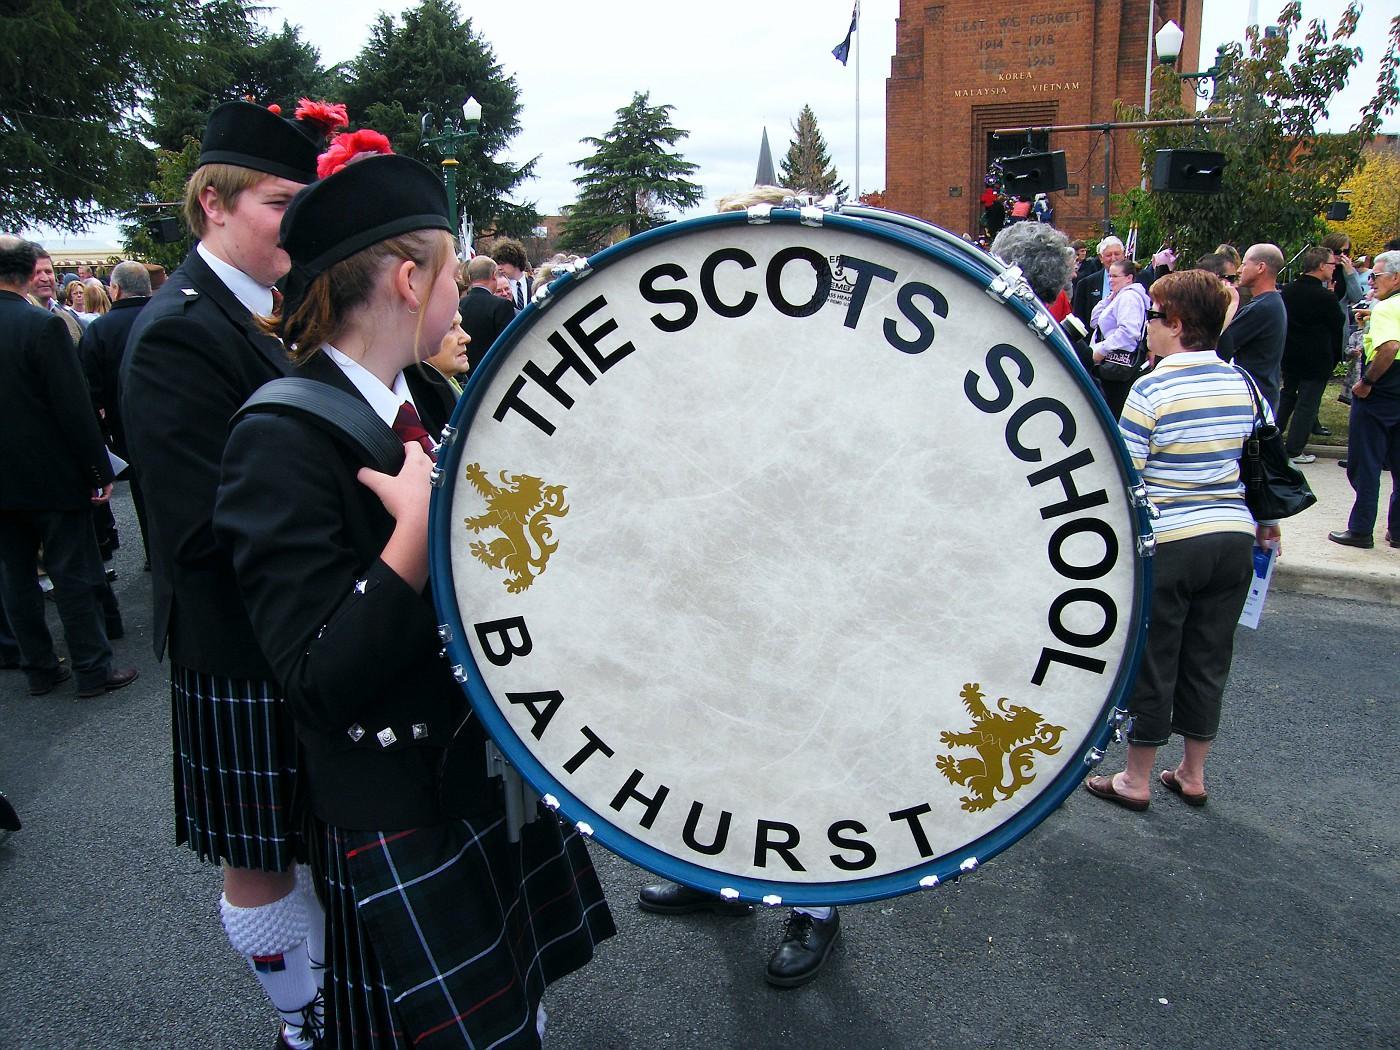 Scots School Drummer